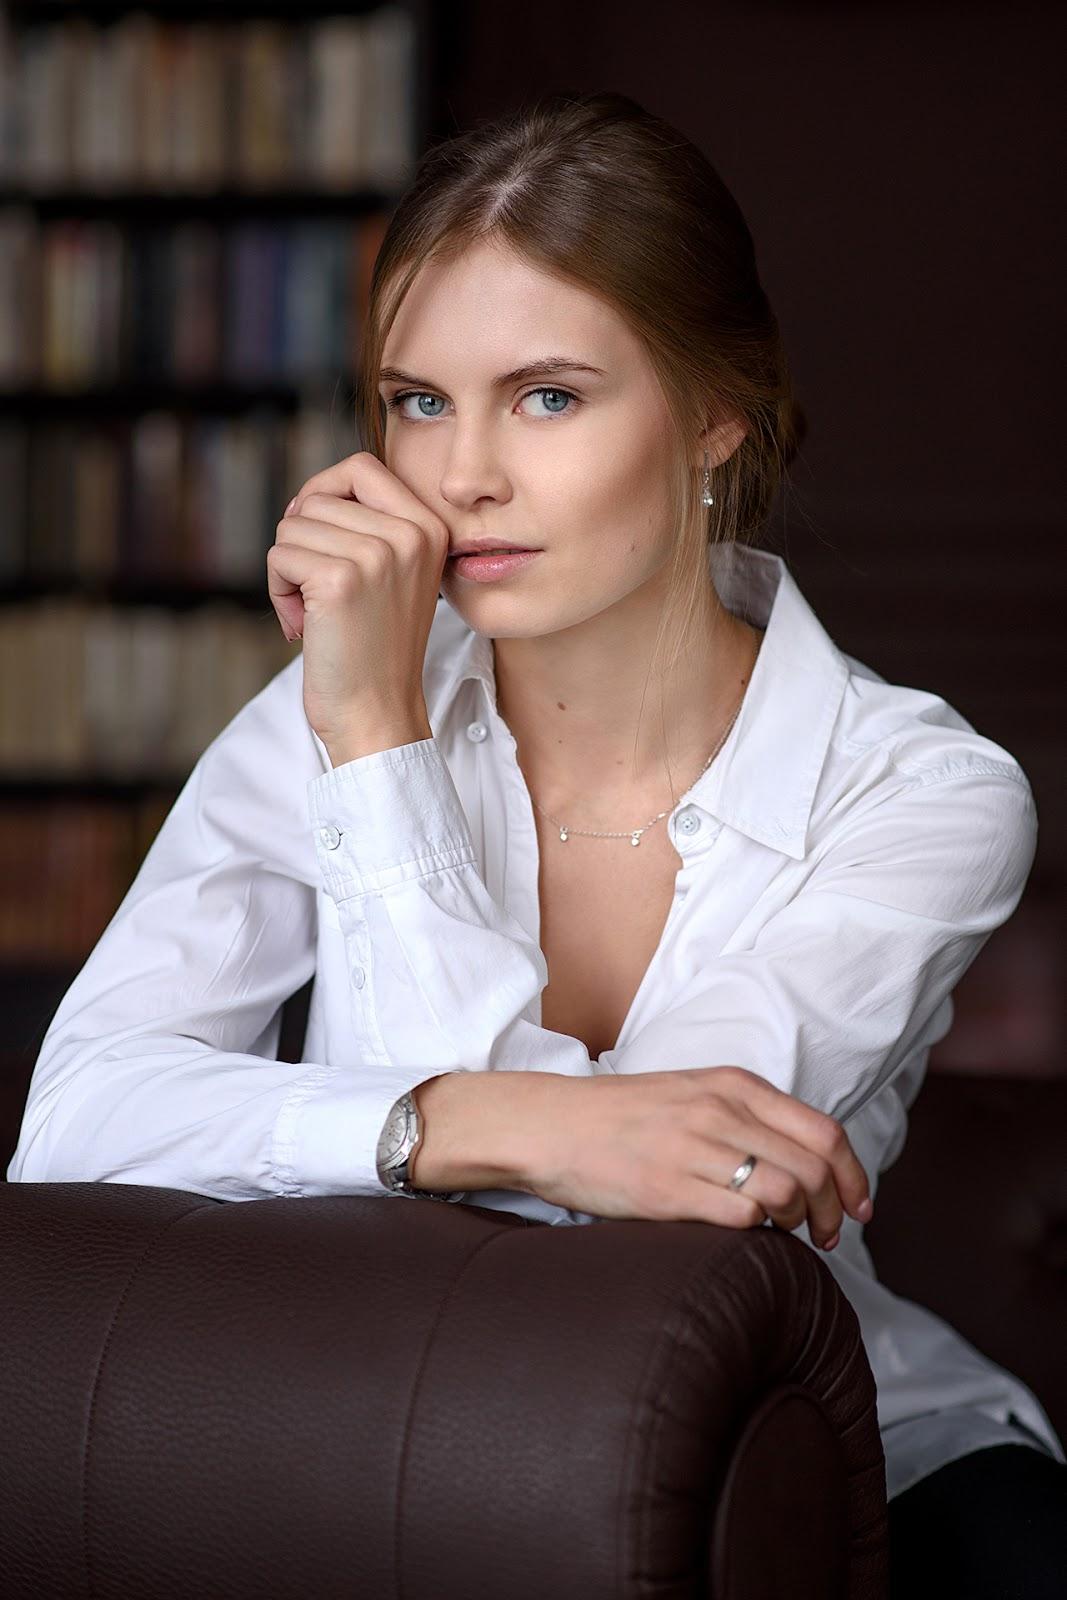 Анна. Портрет в студии